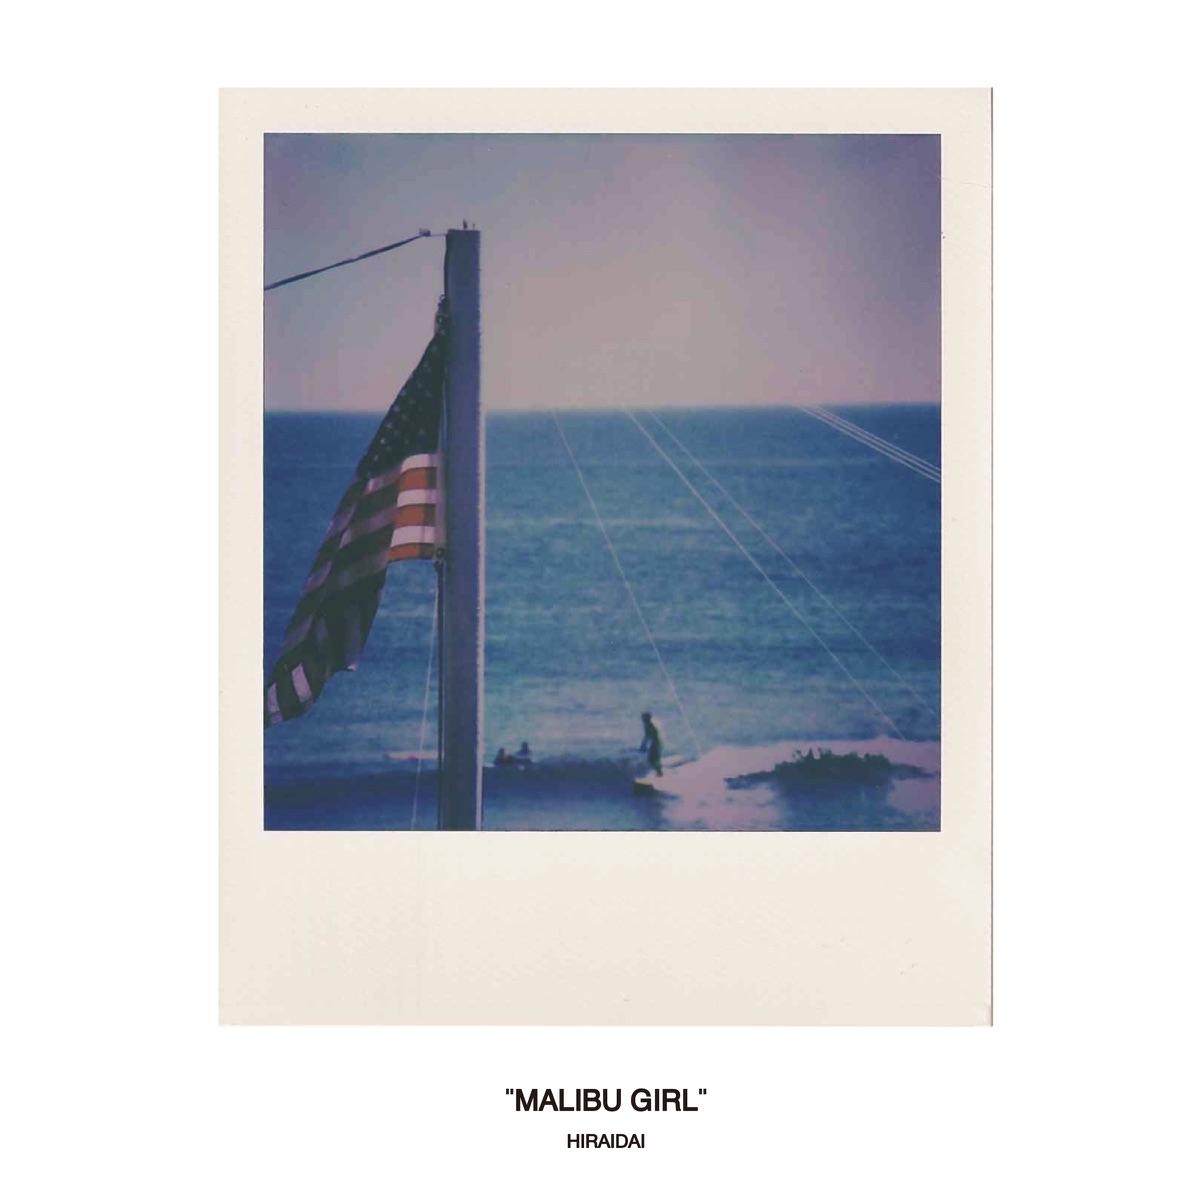 『平井大 - Malibu Girl』収録の『Malibu Girl』ジャケット